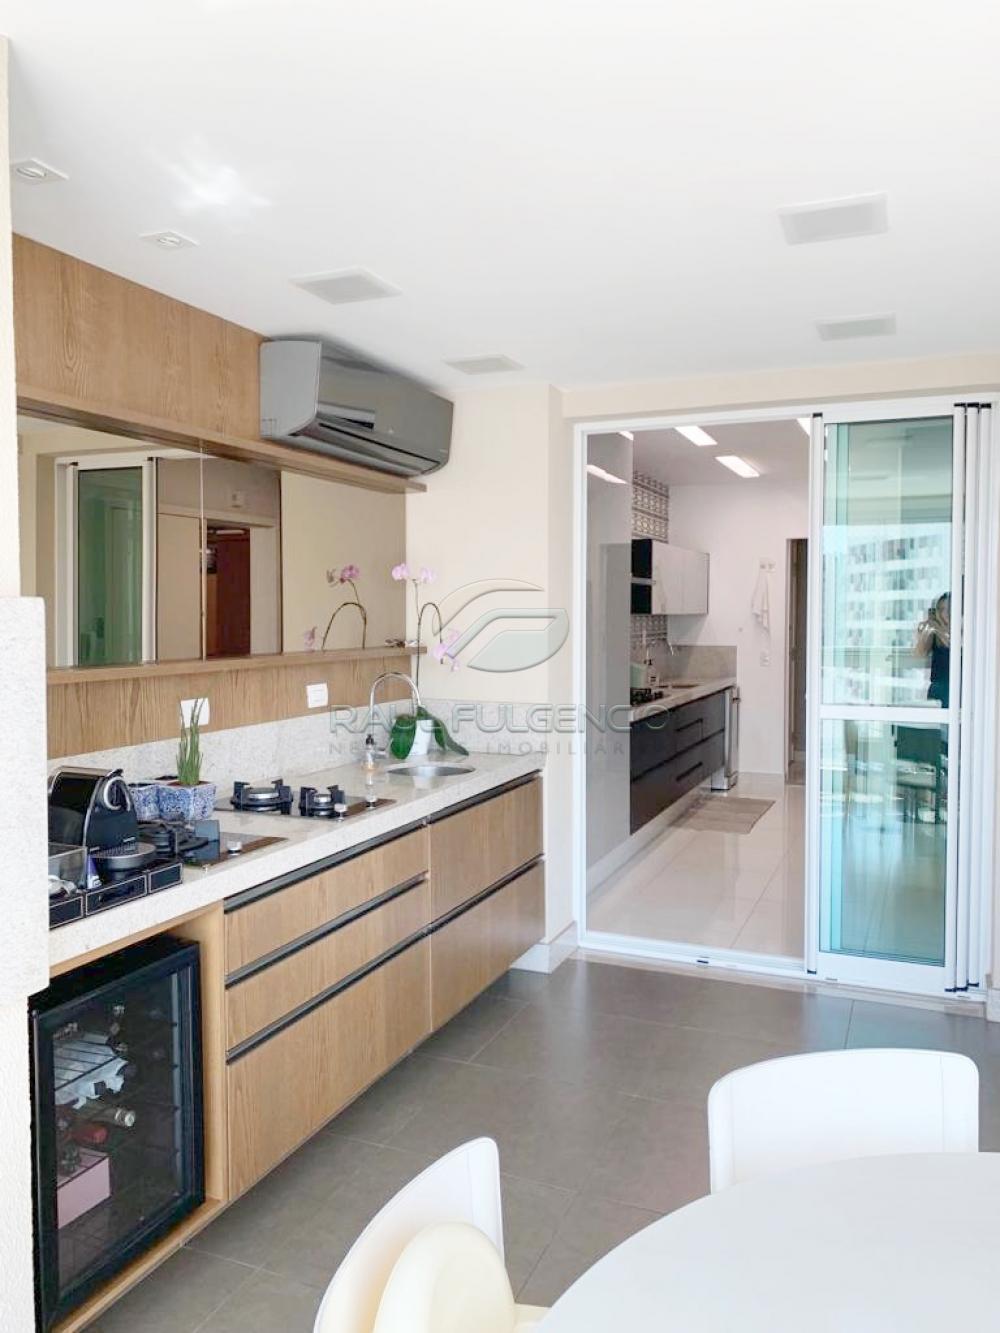 Comprar Apartamento / Padrão em Londrina apenas R$ 1.250.000,00 - Foto 16